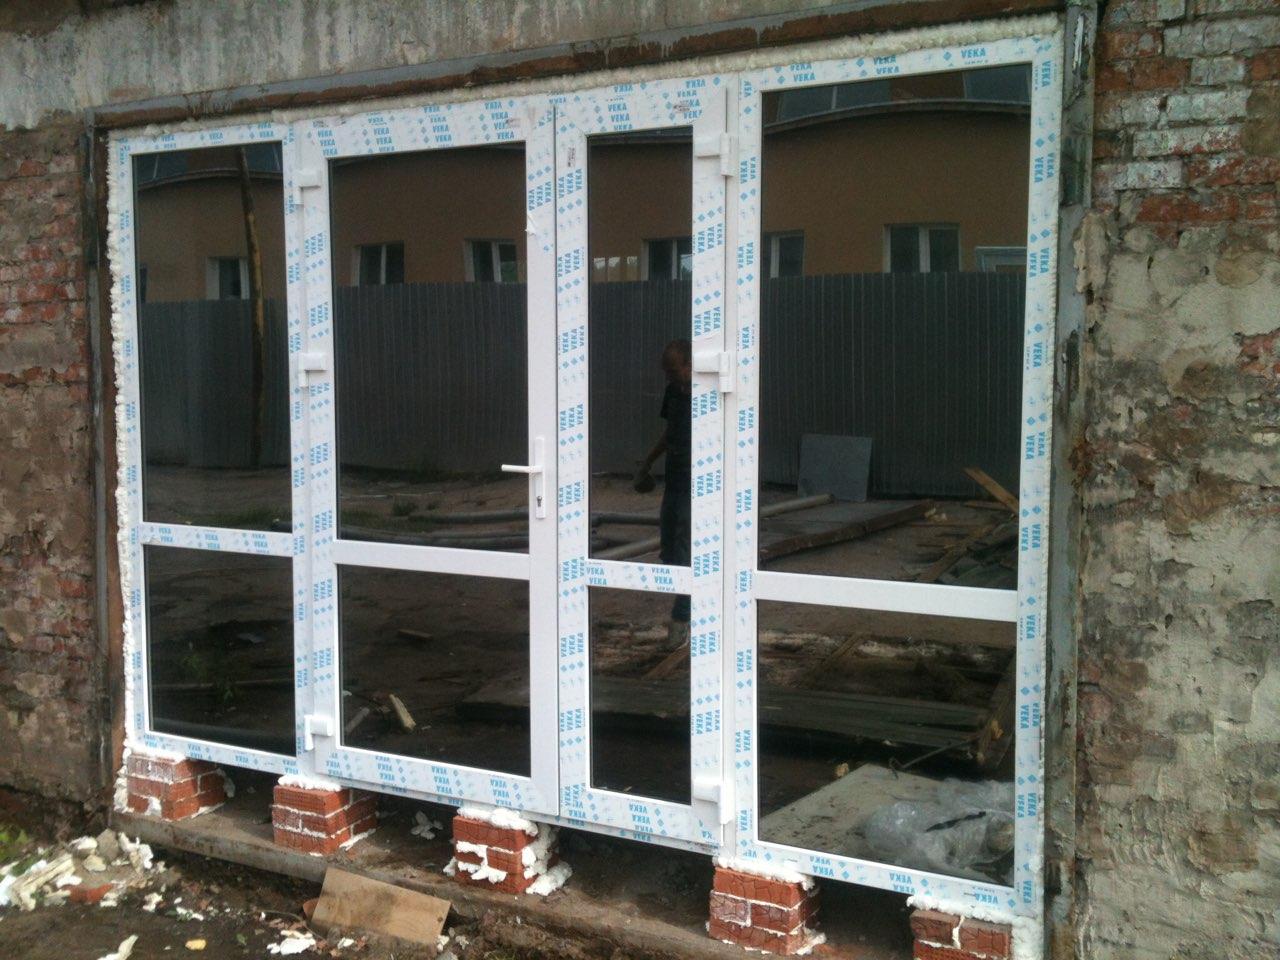 Пластиковая входная группа изготовленная из дверного профиля с тонированными двухкамерными стеклопакетами. Профиль ВЕКА . Общая стоимость около 49 тыс руб